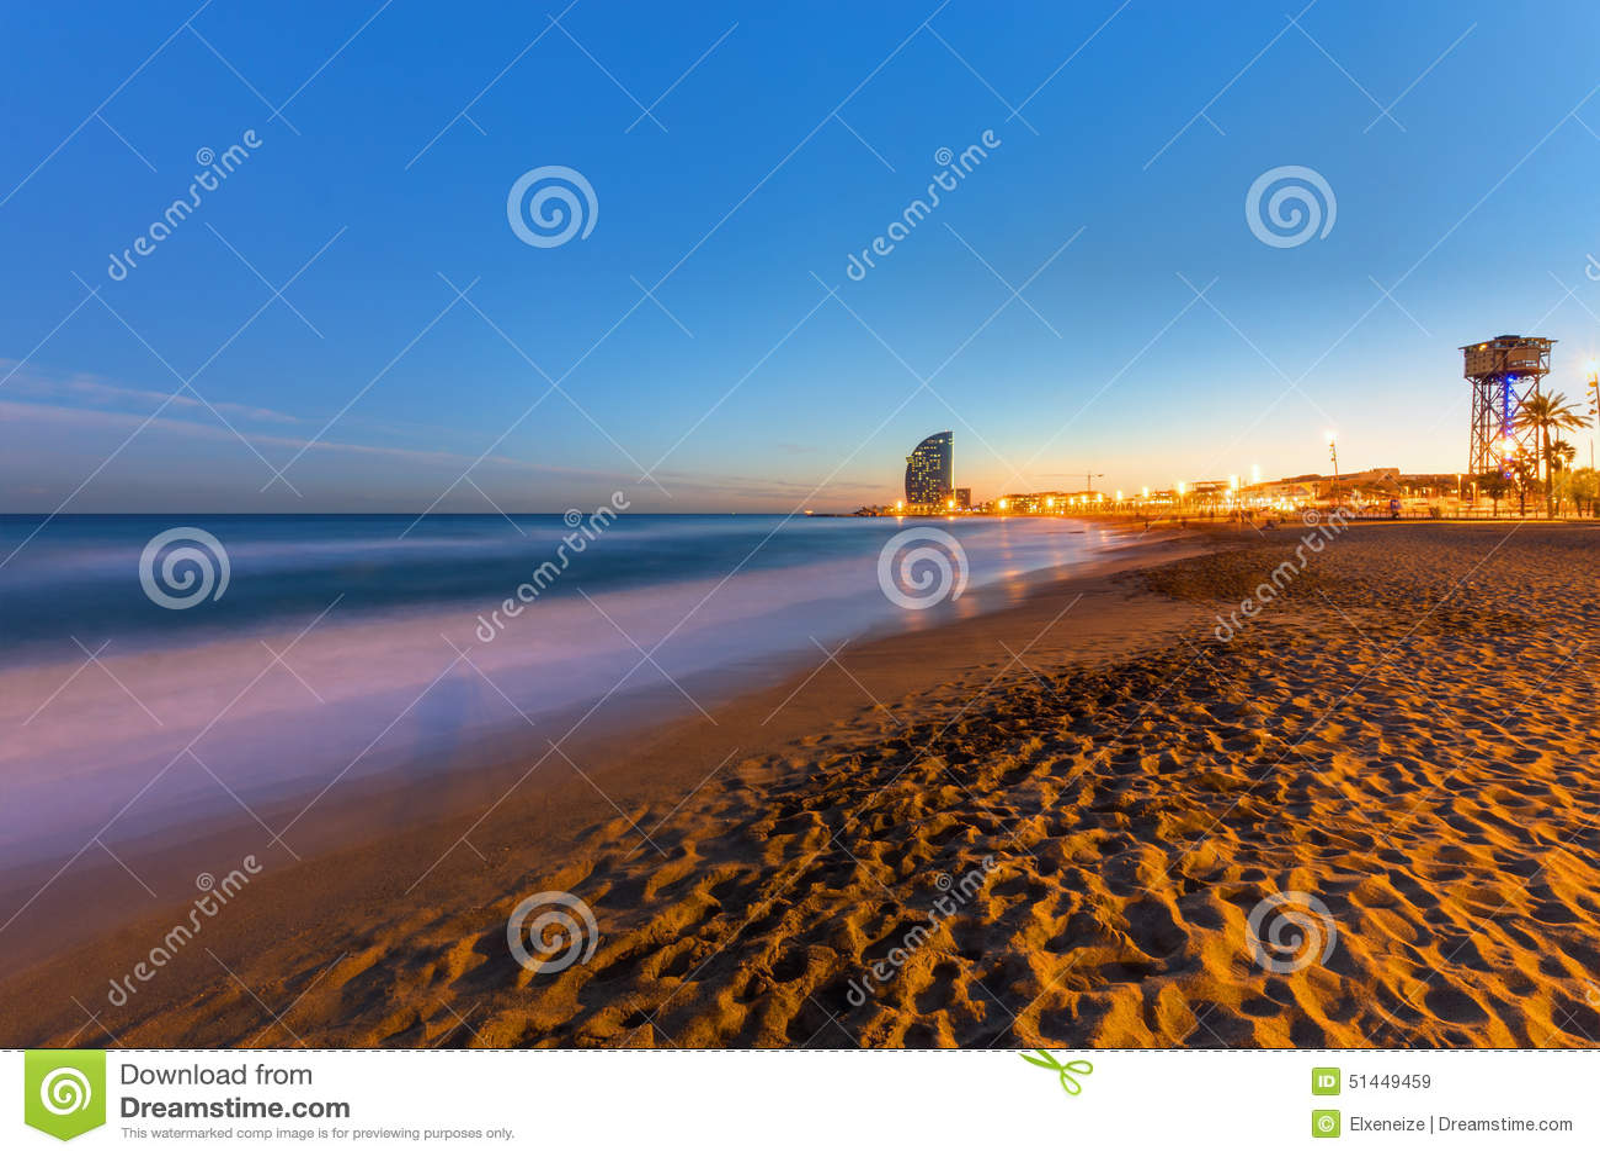 Der Strand Von Barcelona Bei Sonnenuntergang Stockbild Bild Von